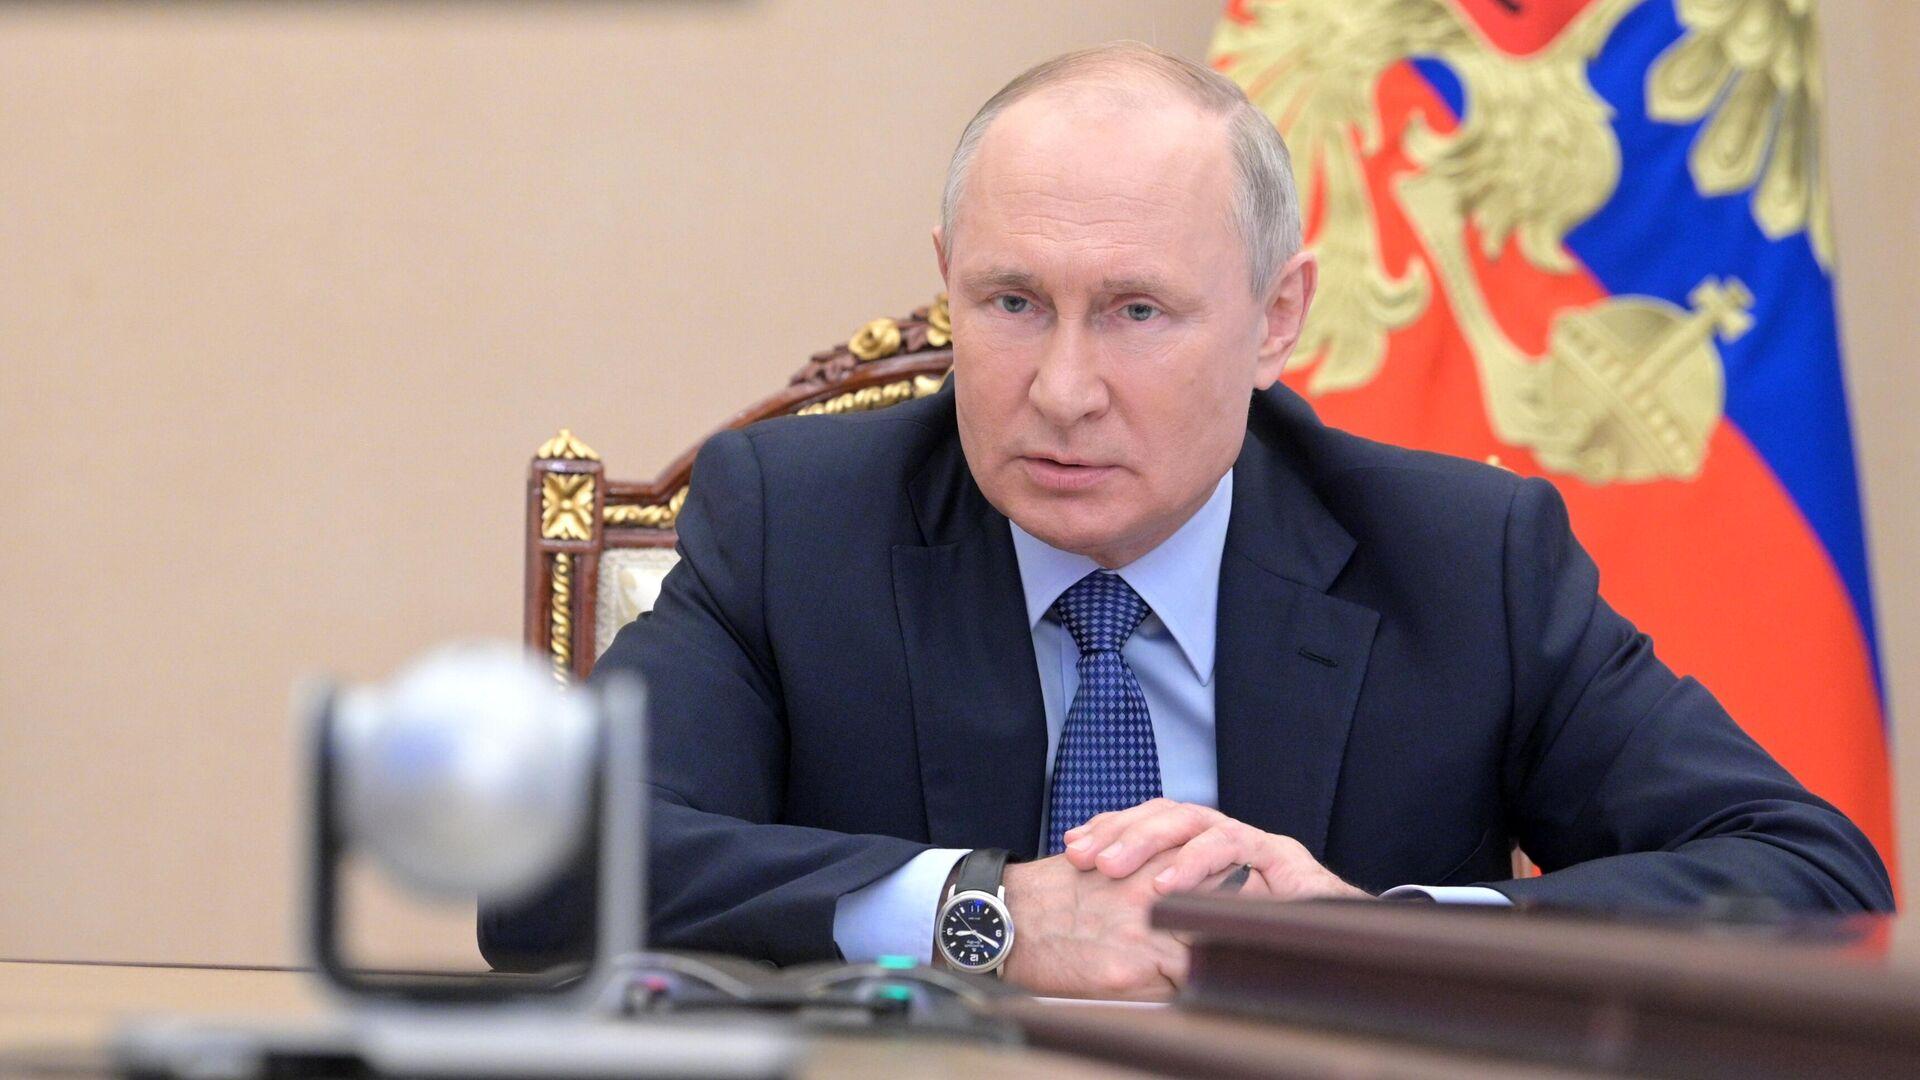 Vladímir Putin, presidente ruso - Sputnik Mundo, 1920, 01.07.2021